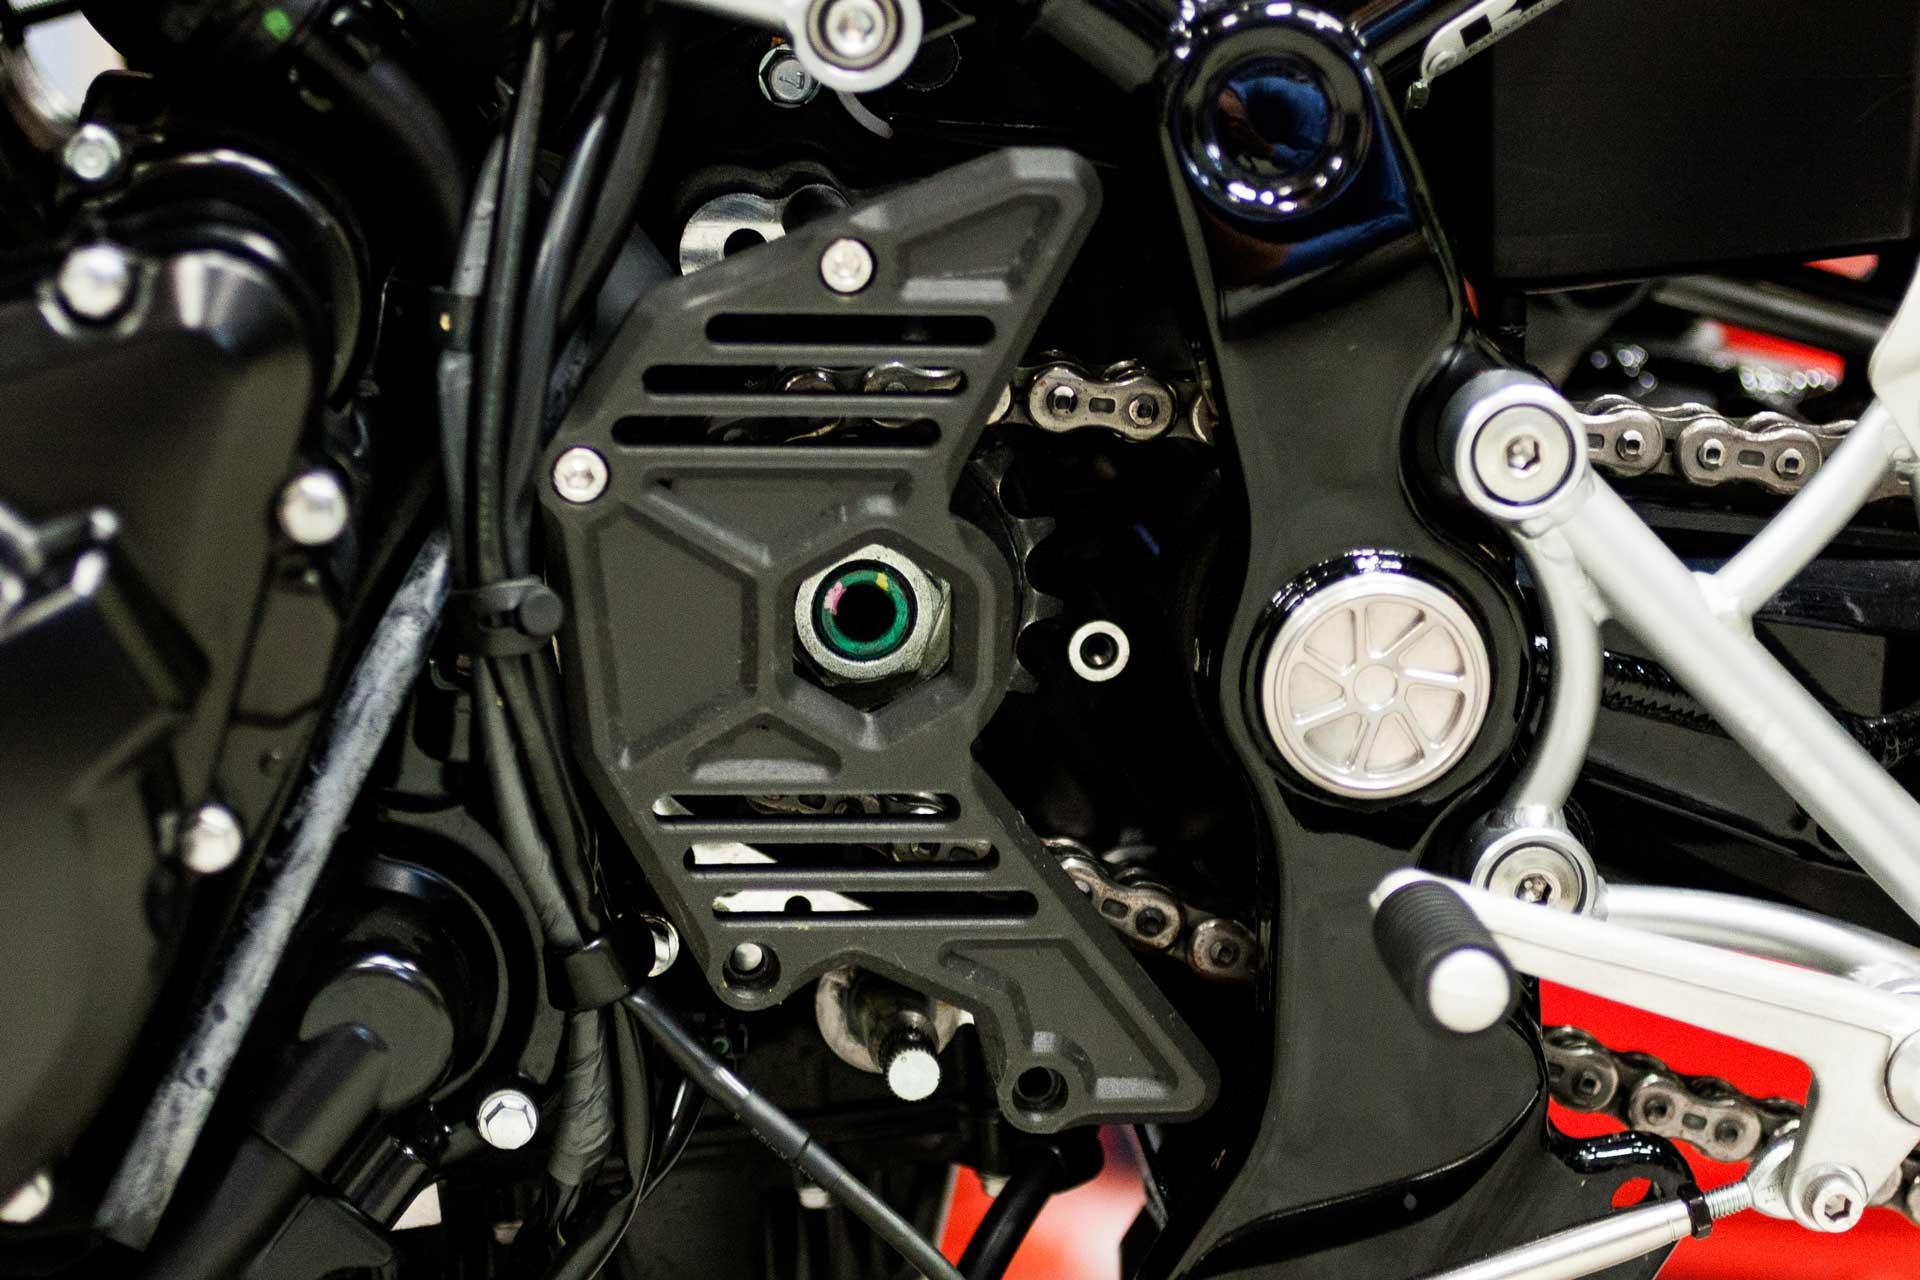 記事 ≪Z900RS専用 スプロケットカバー≫の開発のアイキャッチ画像